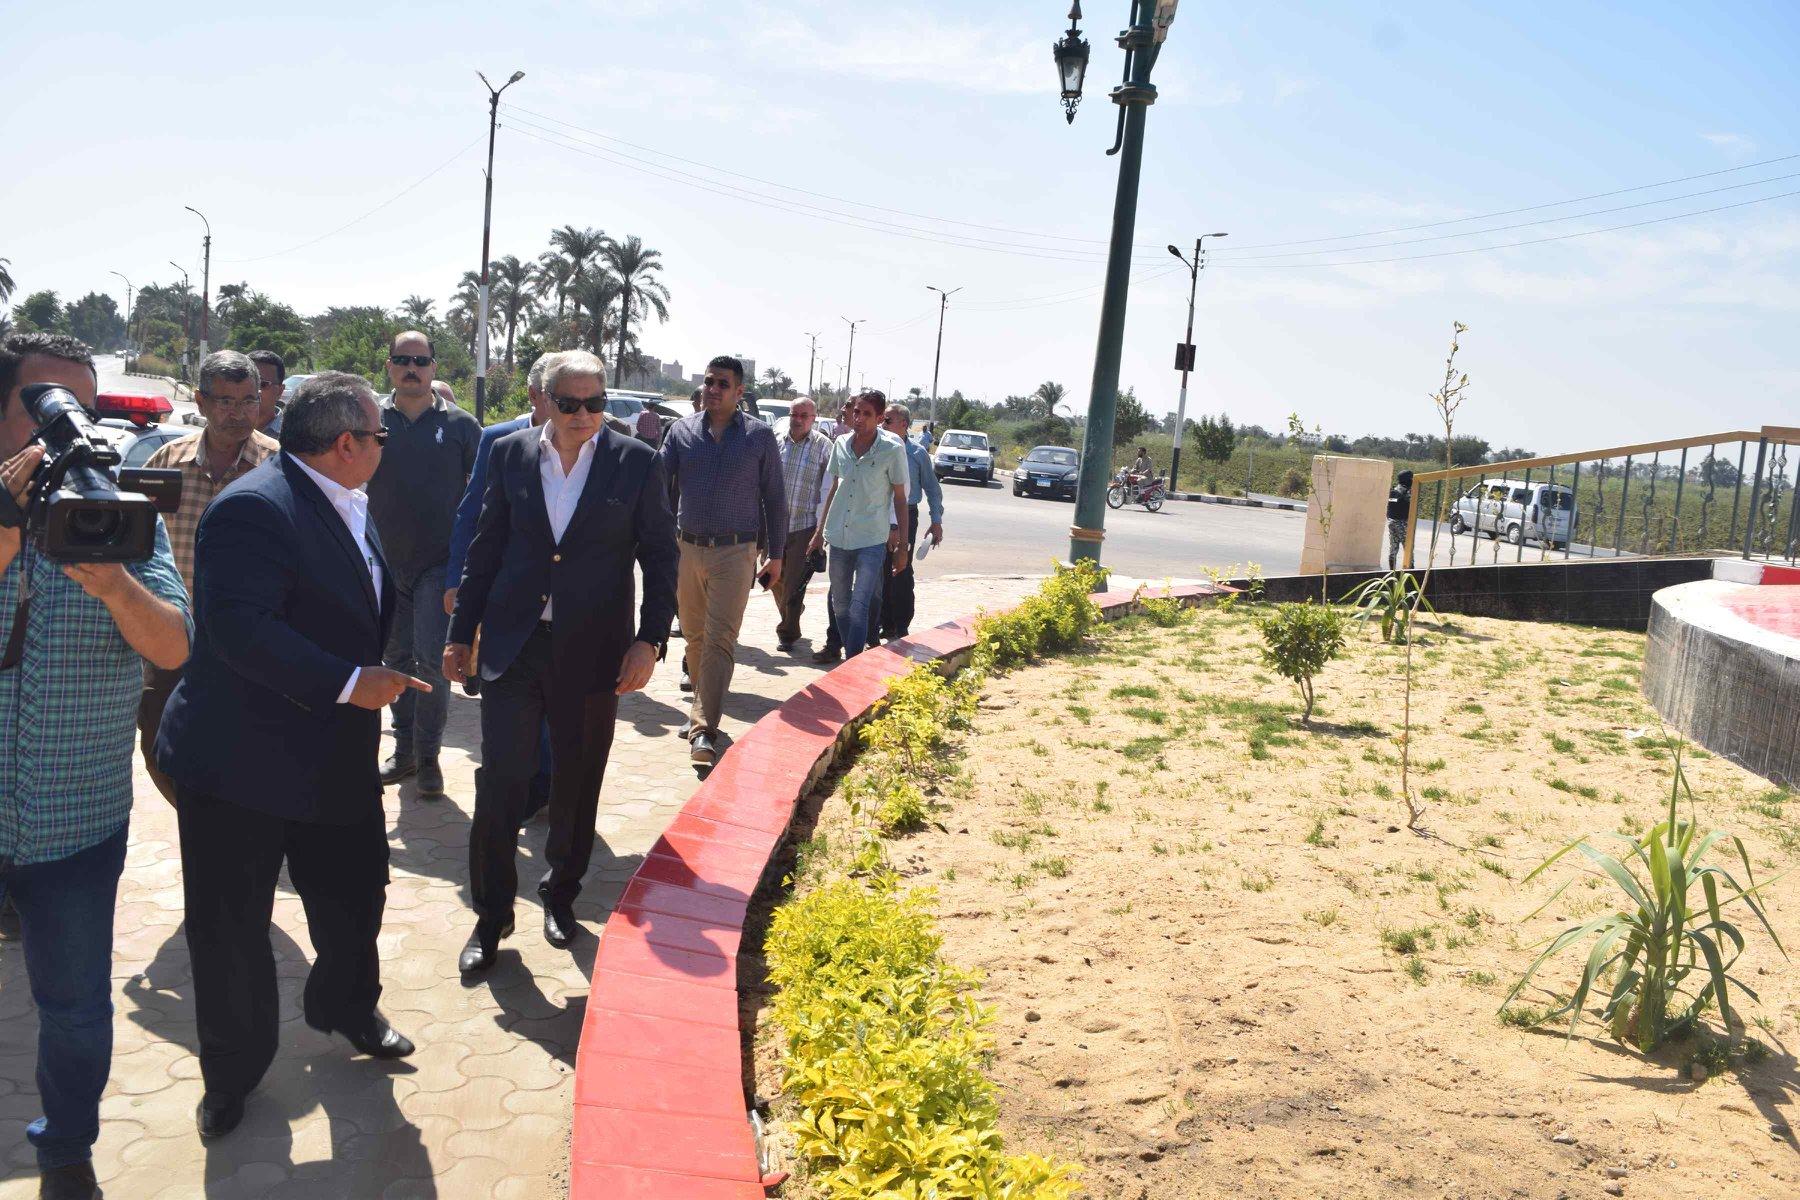 صور | محافظ المنيا يتابع منظومة النظافة وتطوير الميادين بمركزي مطاى وبني مزار